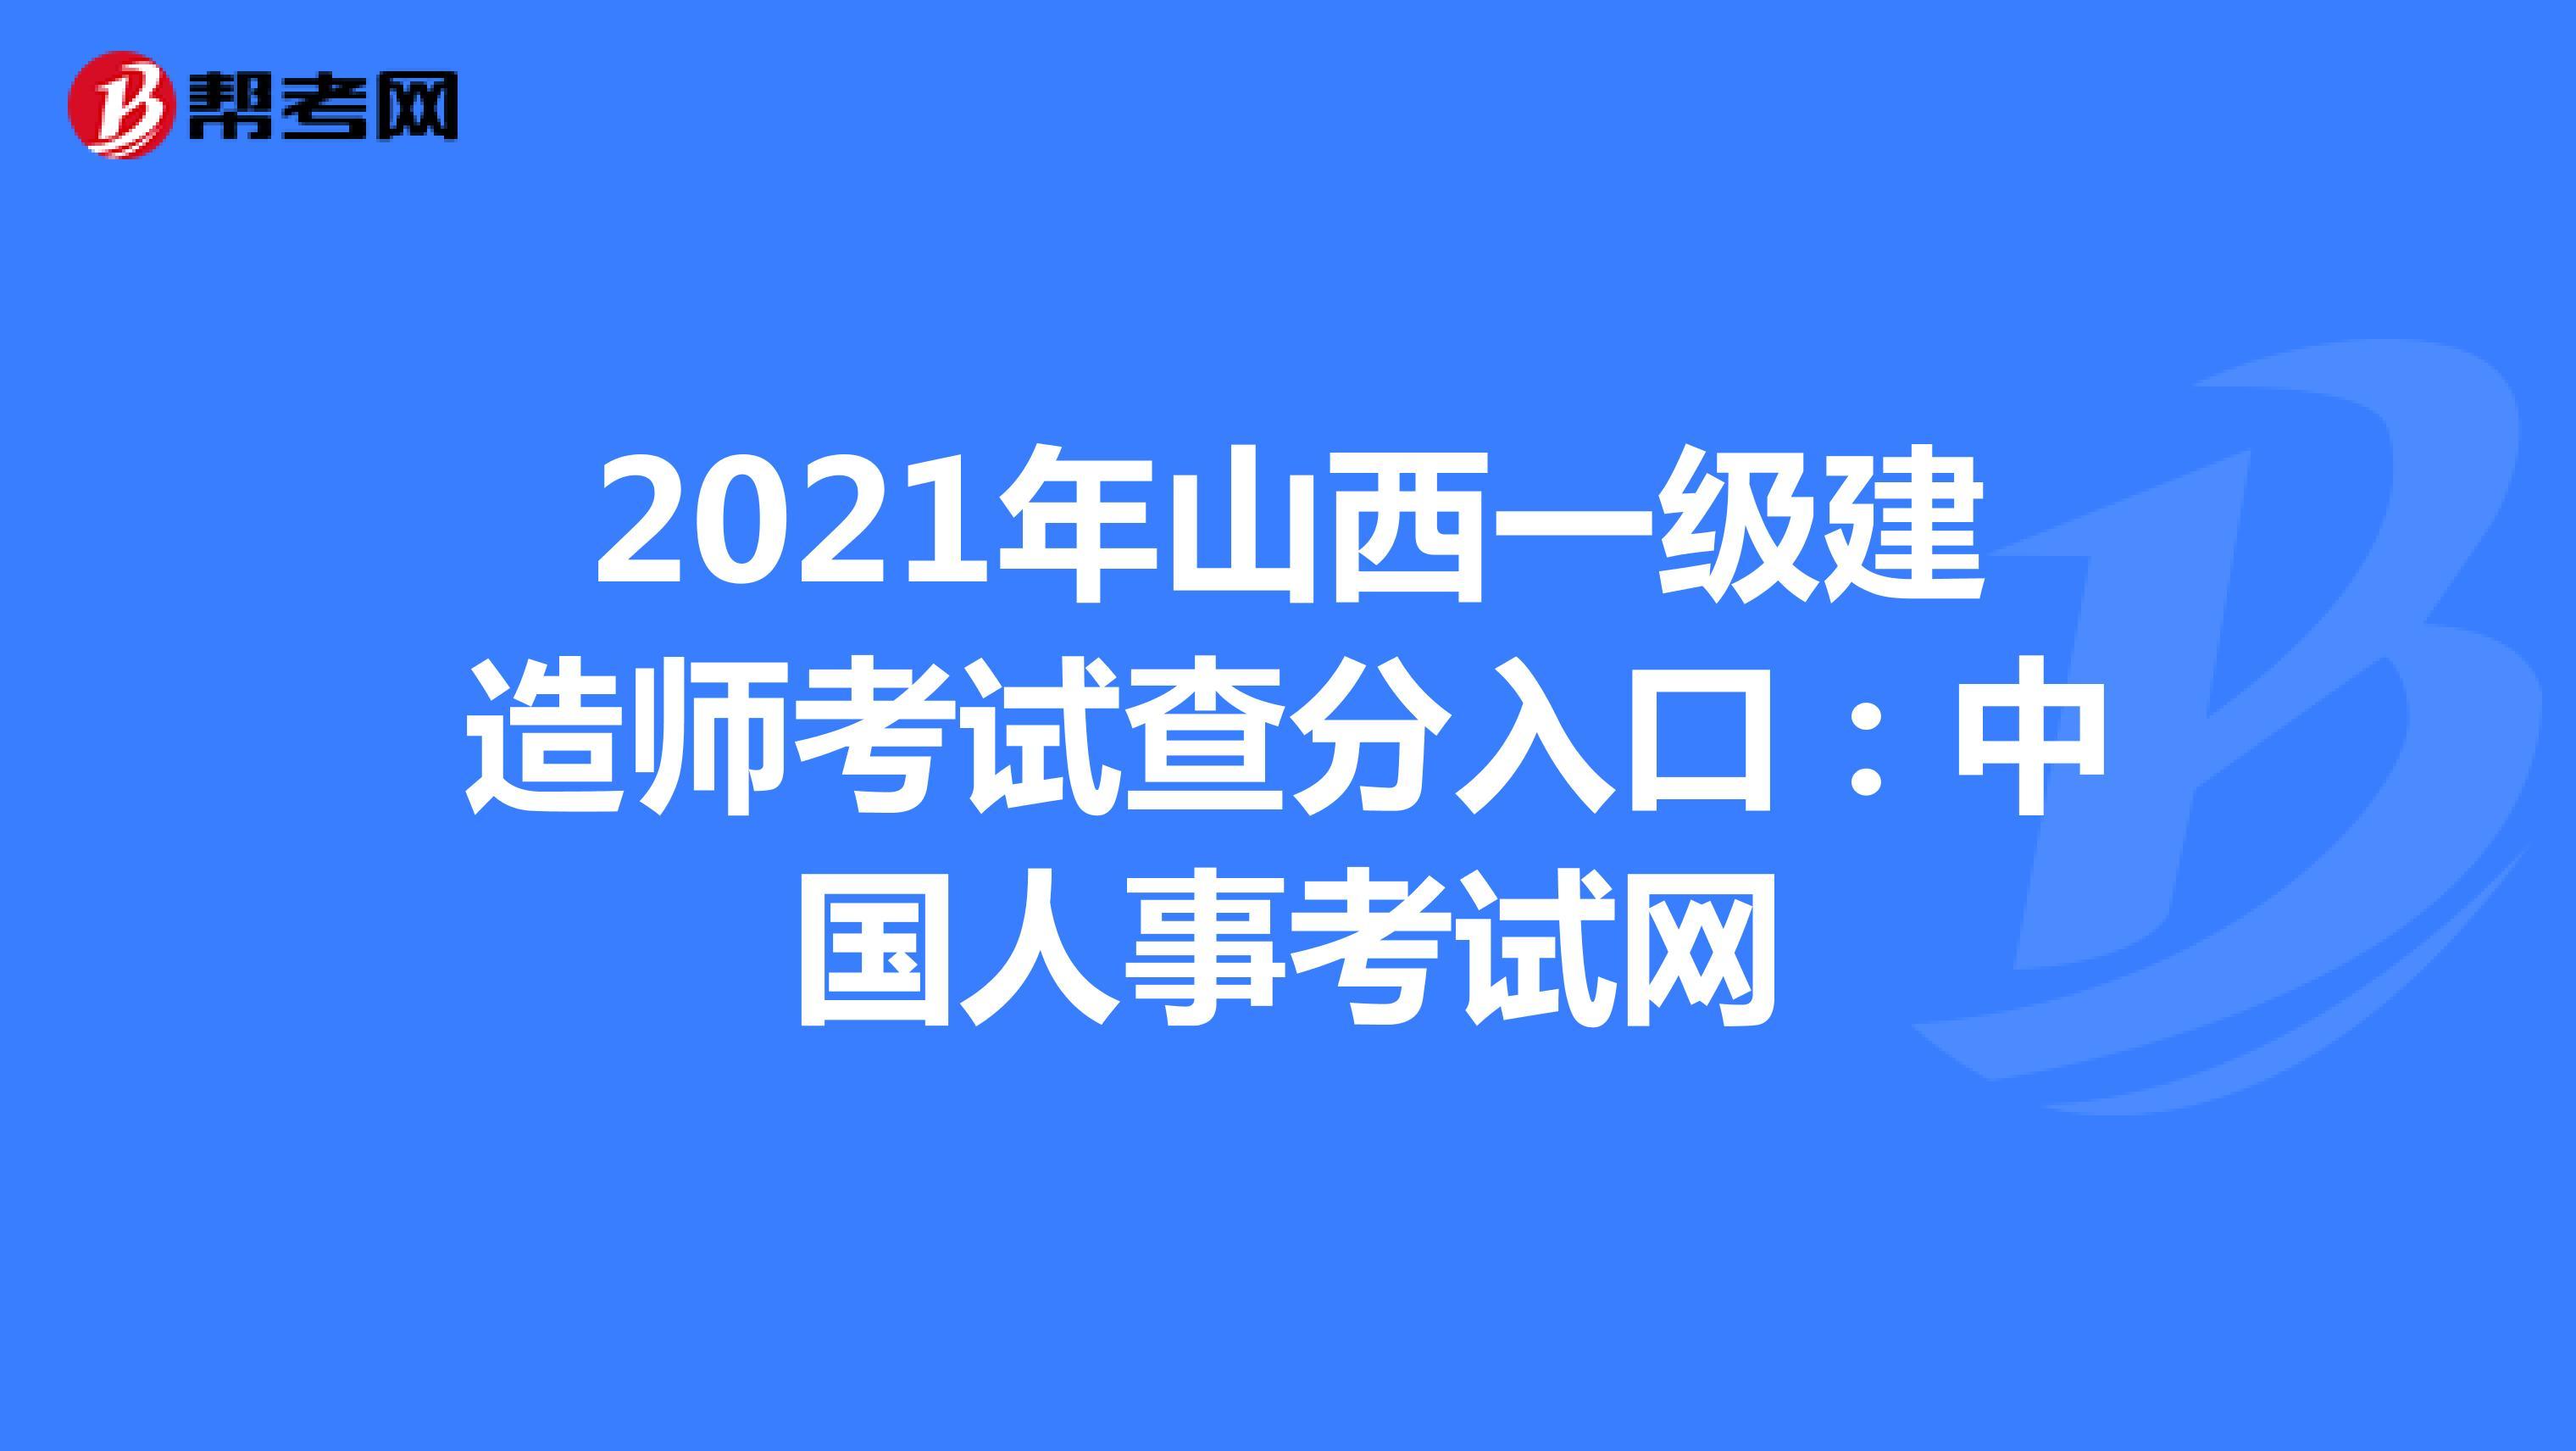 2021年山西一级建造师考试查分入口:中国人事考试网